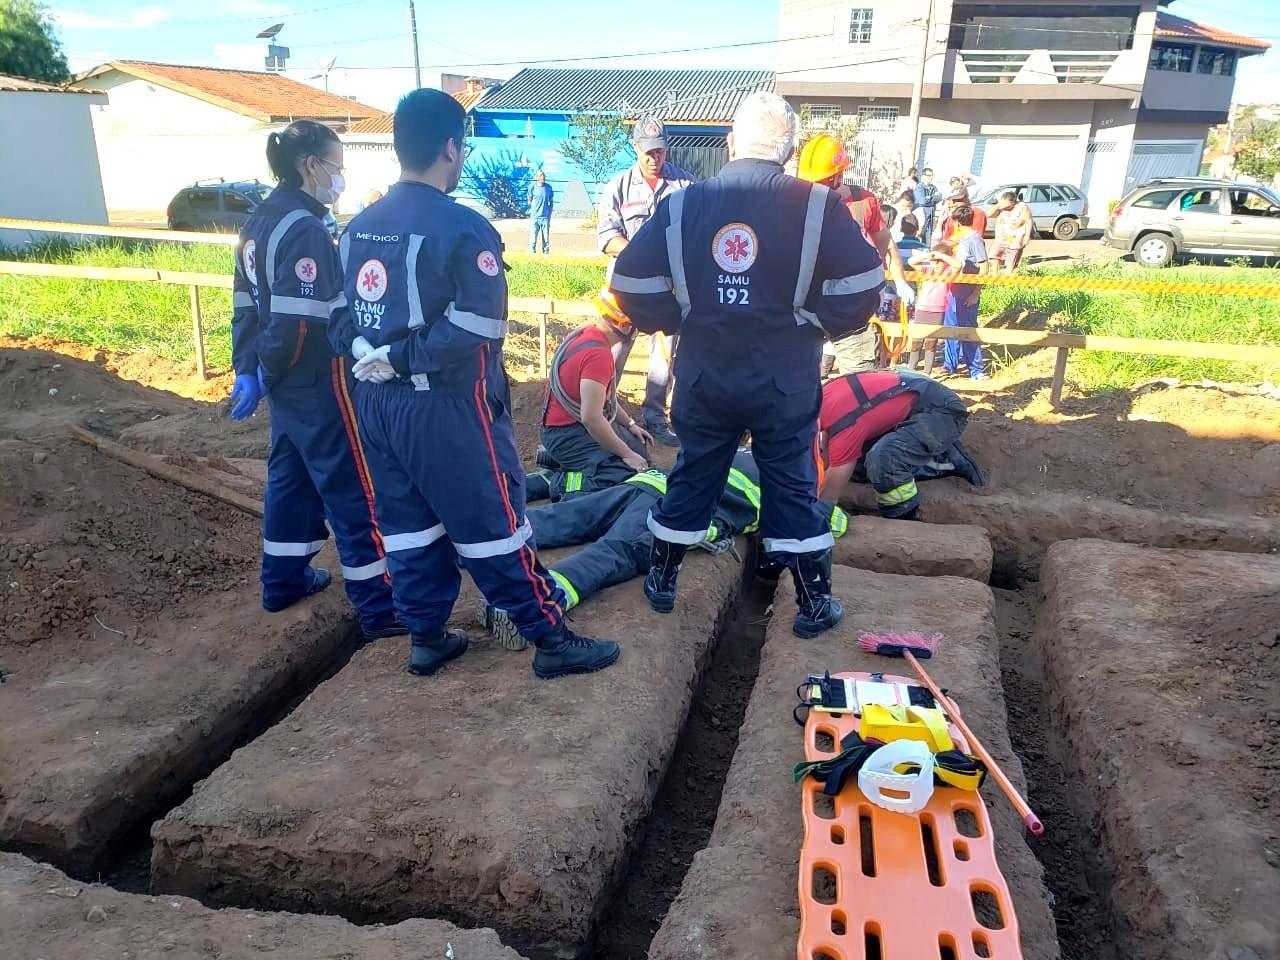 Criança cai dentro de buraco de obra em São Carlos - Noticias